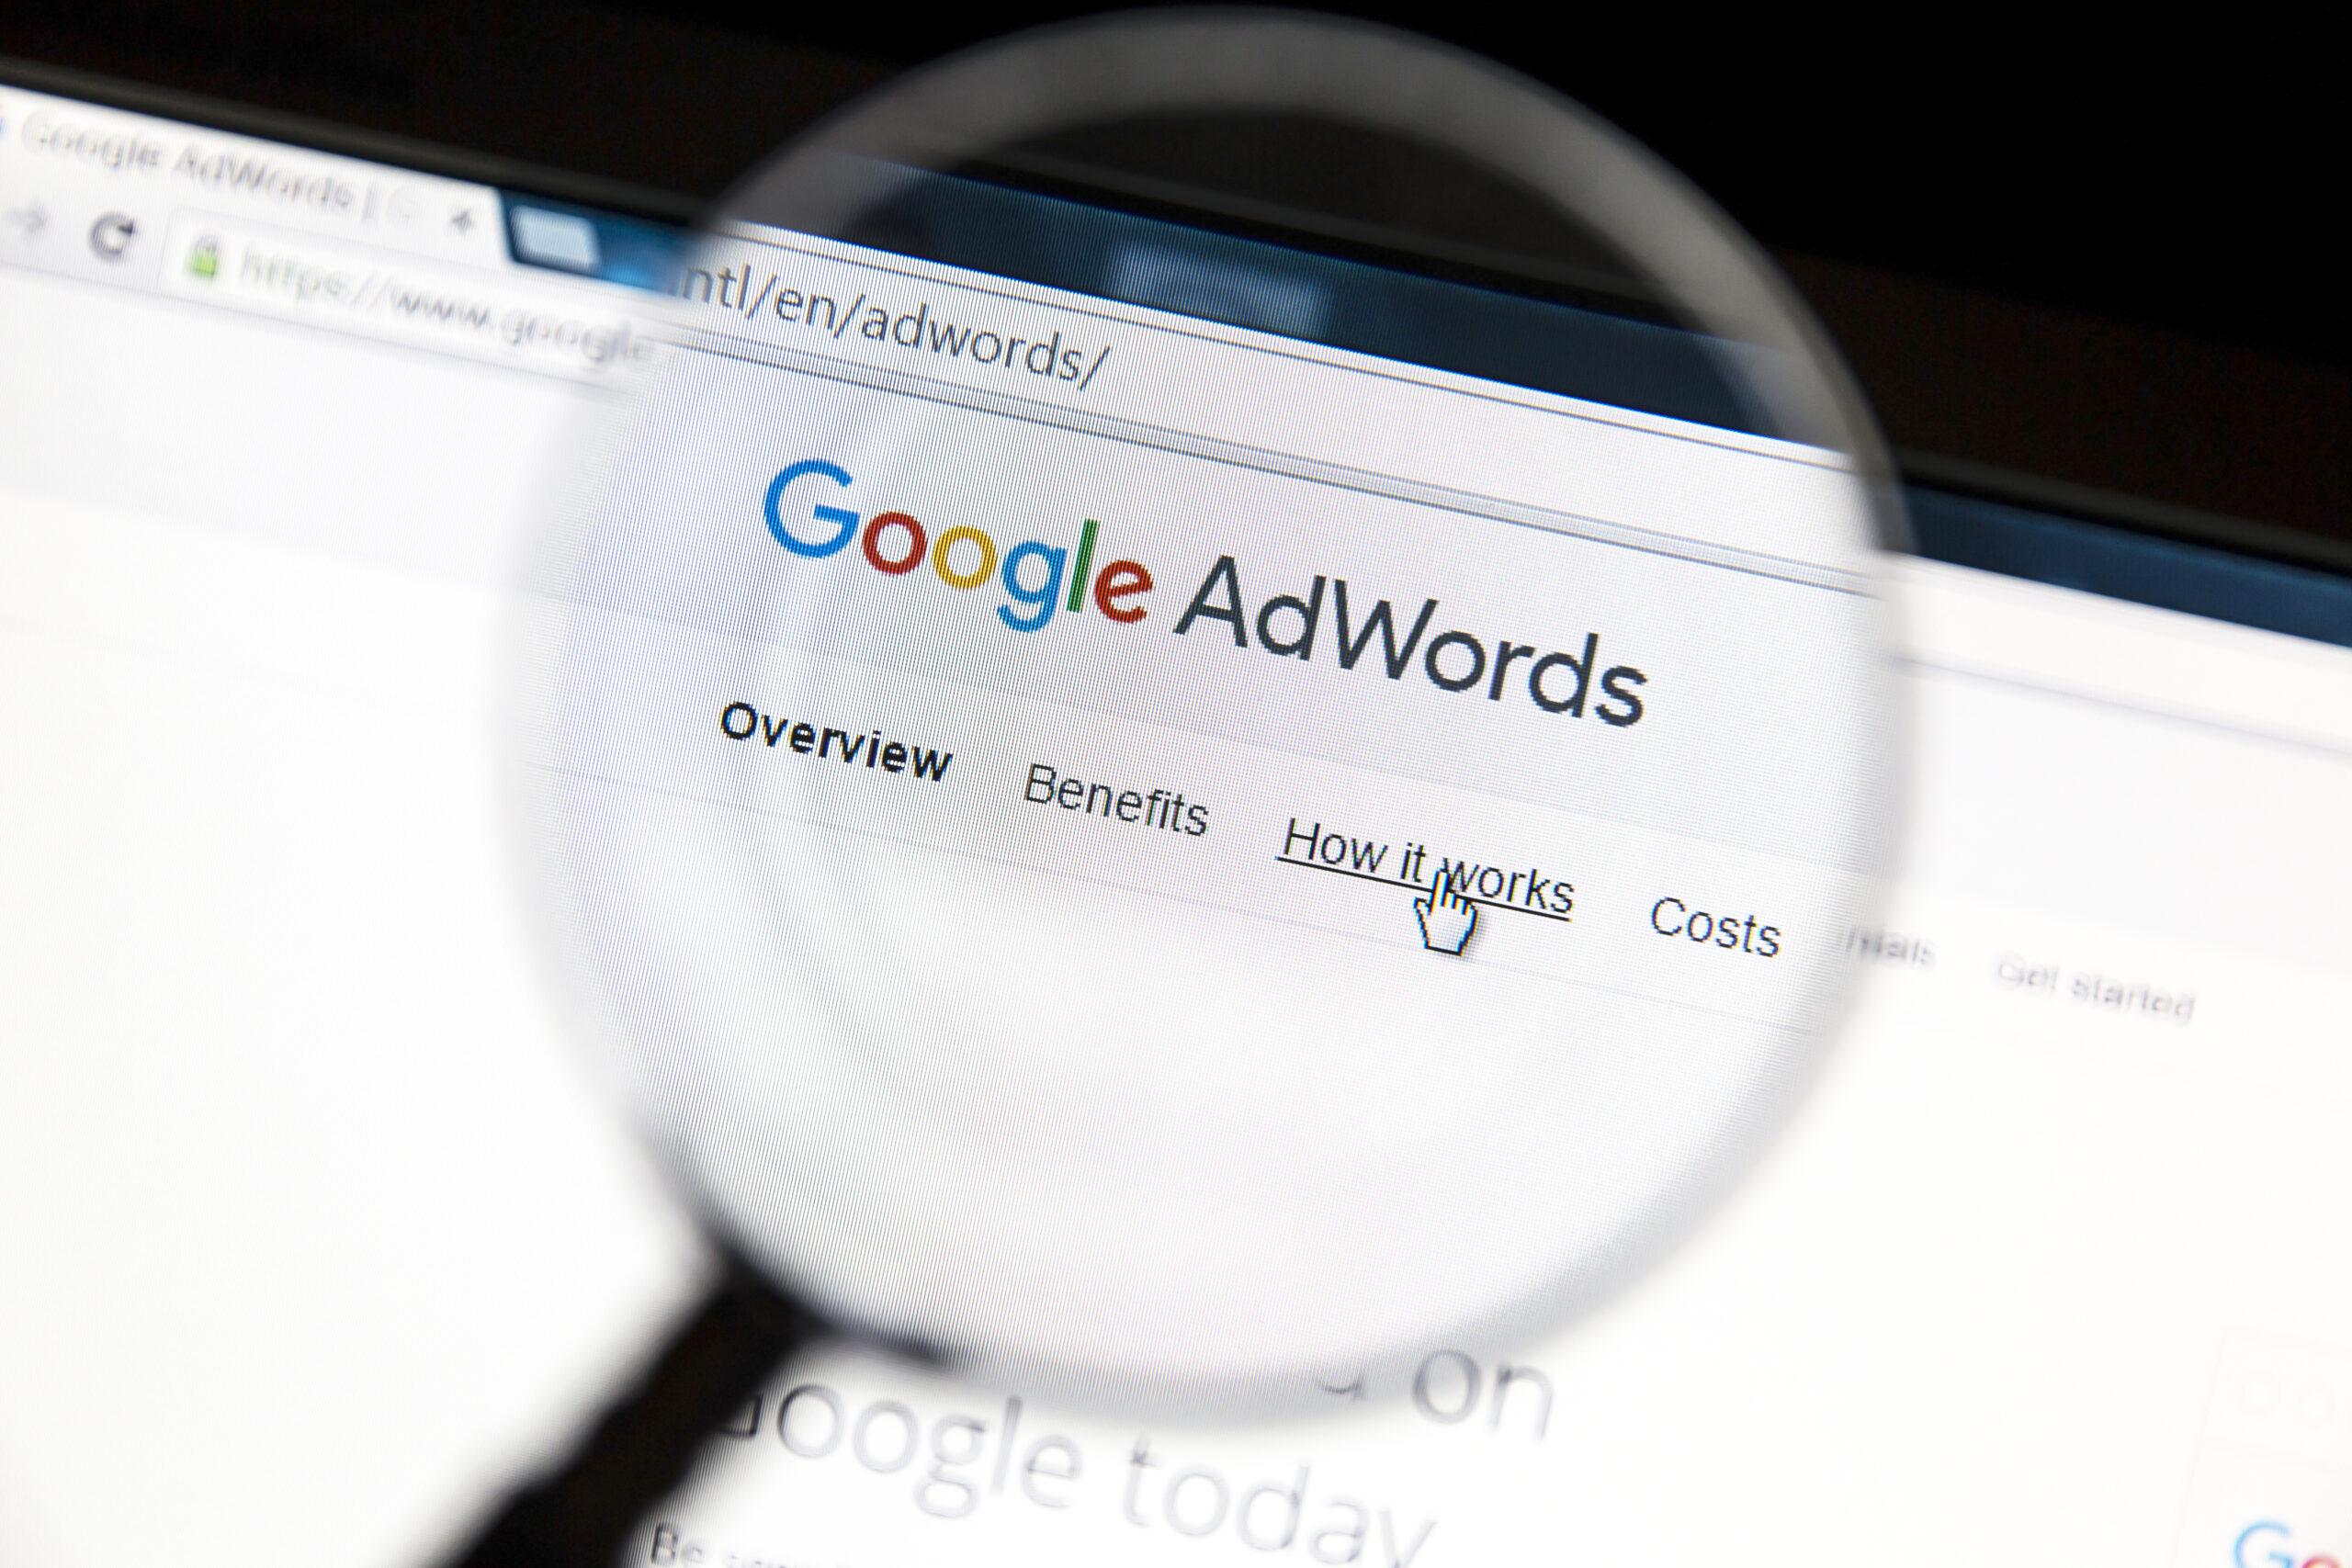 google adwords inutile pour votre site internet